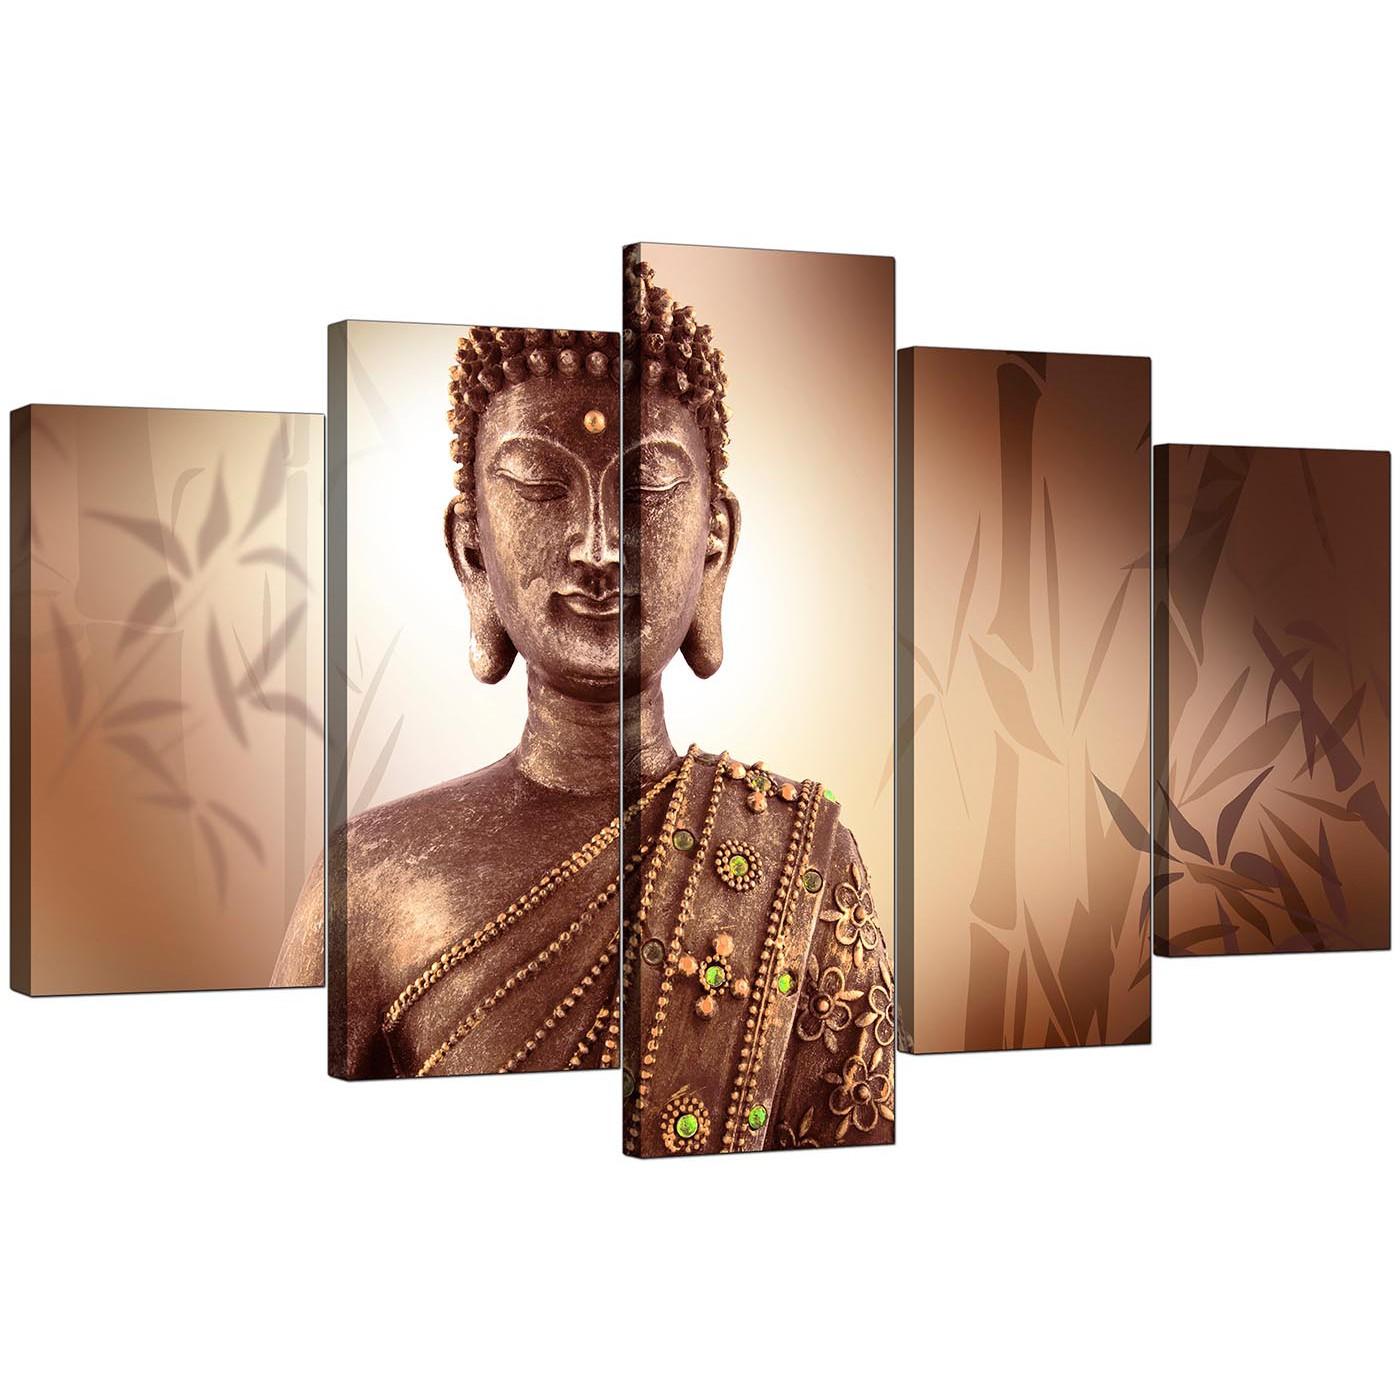 Display Gallery Item 4; 5 Piece Set Of Modern Brown Canvas Wall Art Display  Gallery Item 5